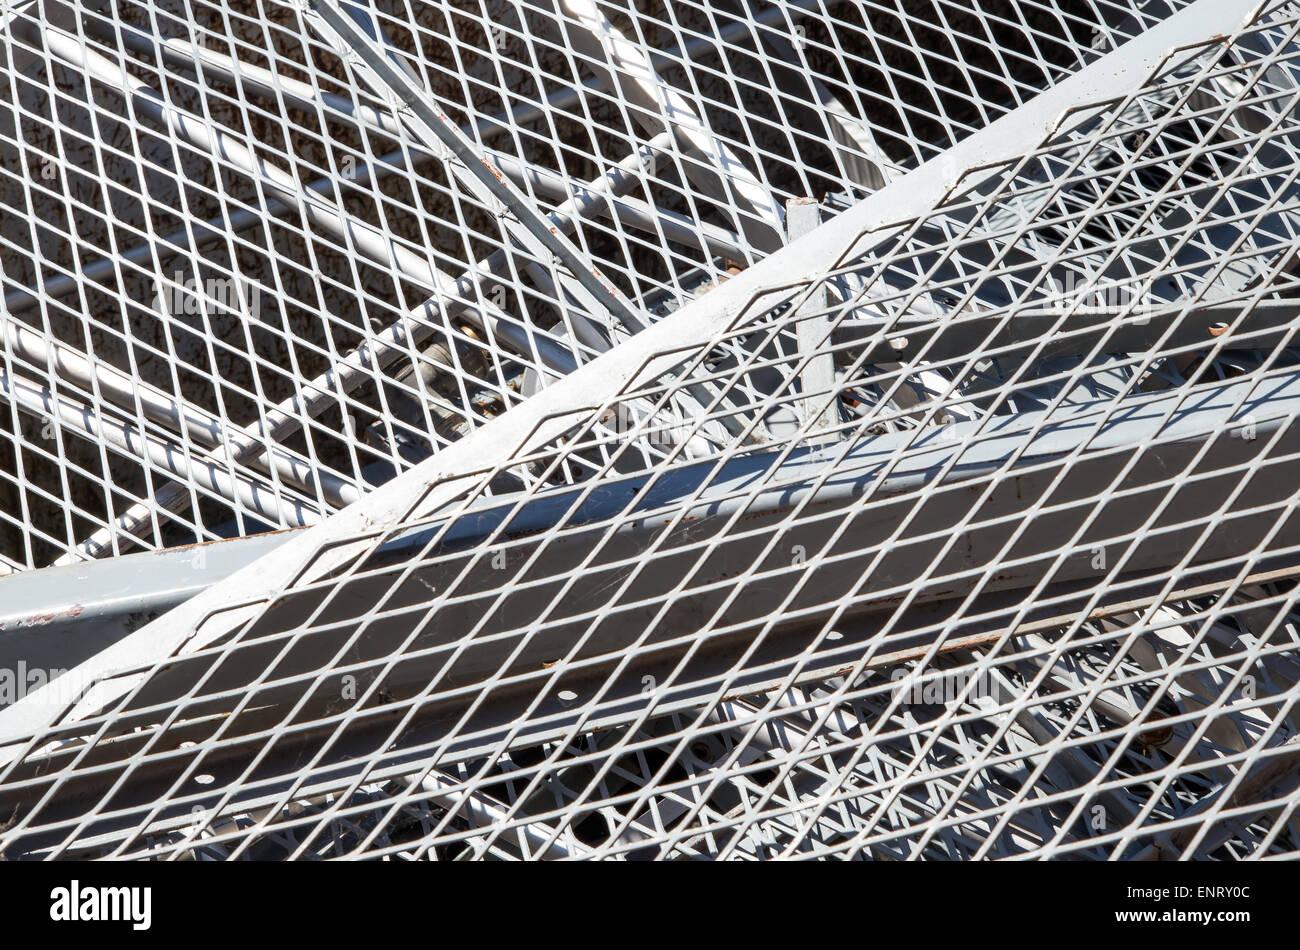 Fer à repasser, grille et matériaux ferreux dans la mise en décharge des objets métalliques Photo Stock